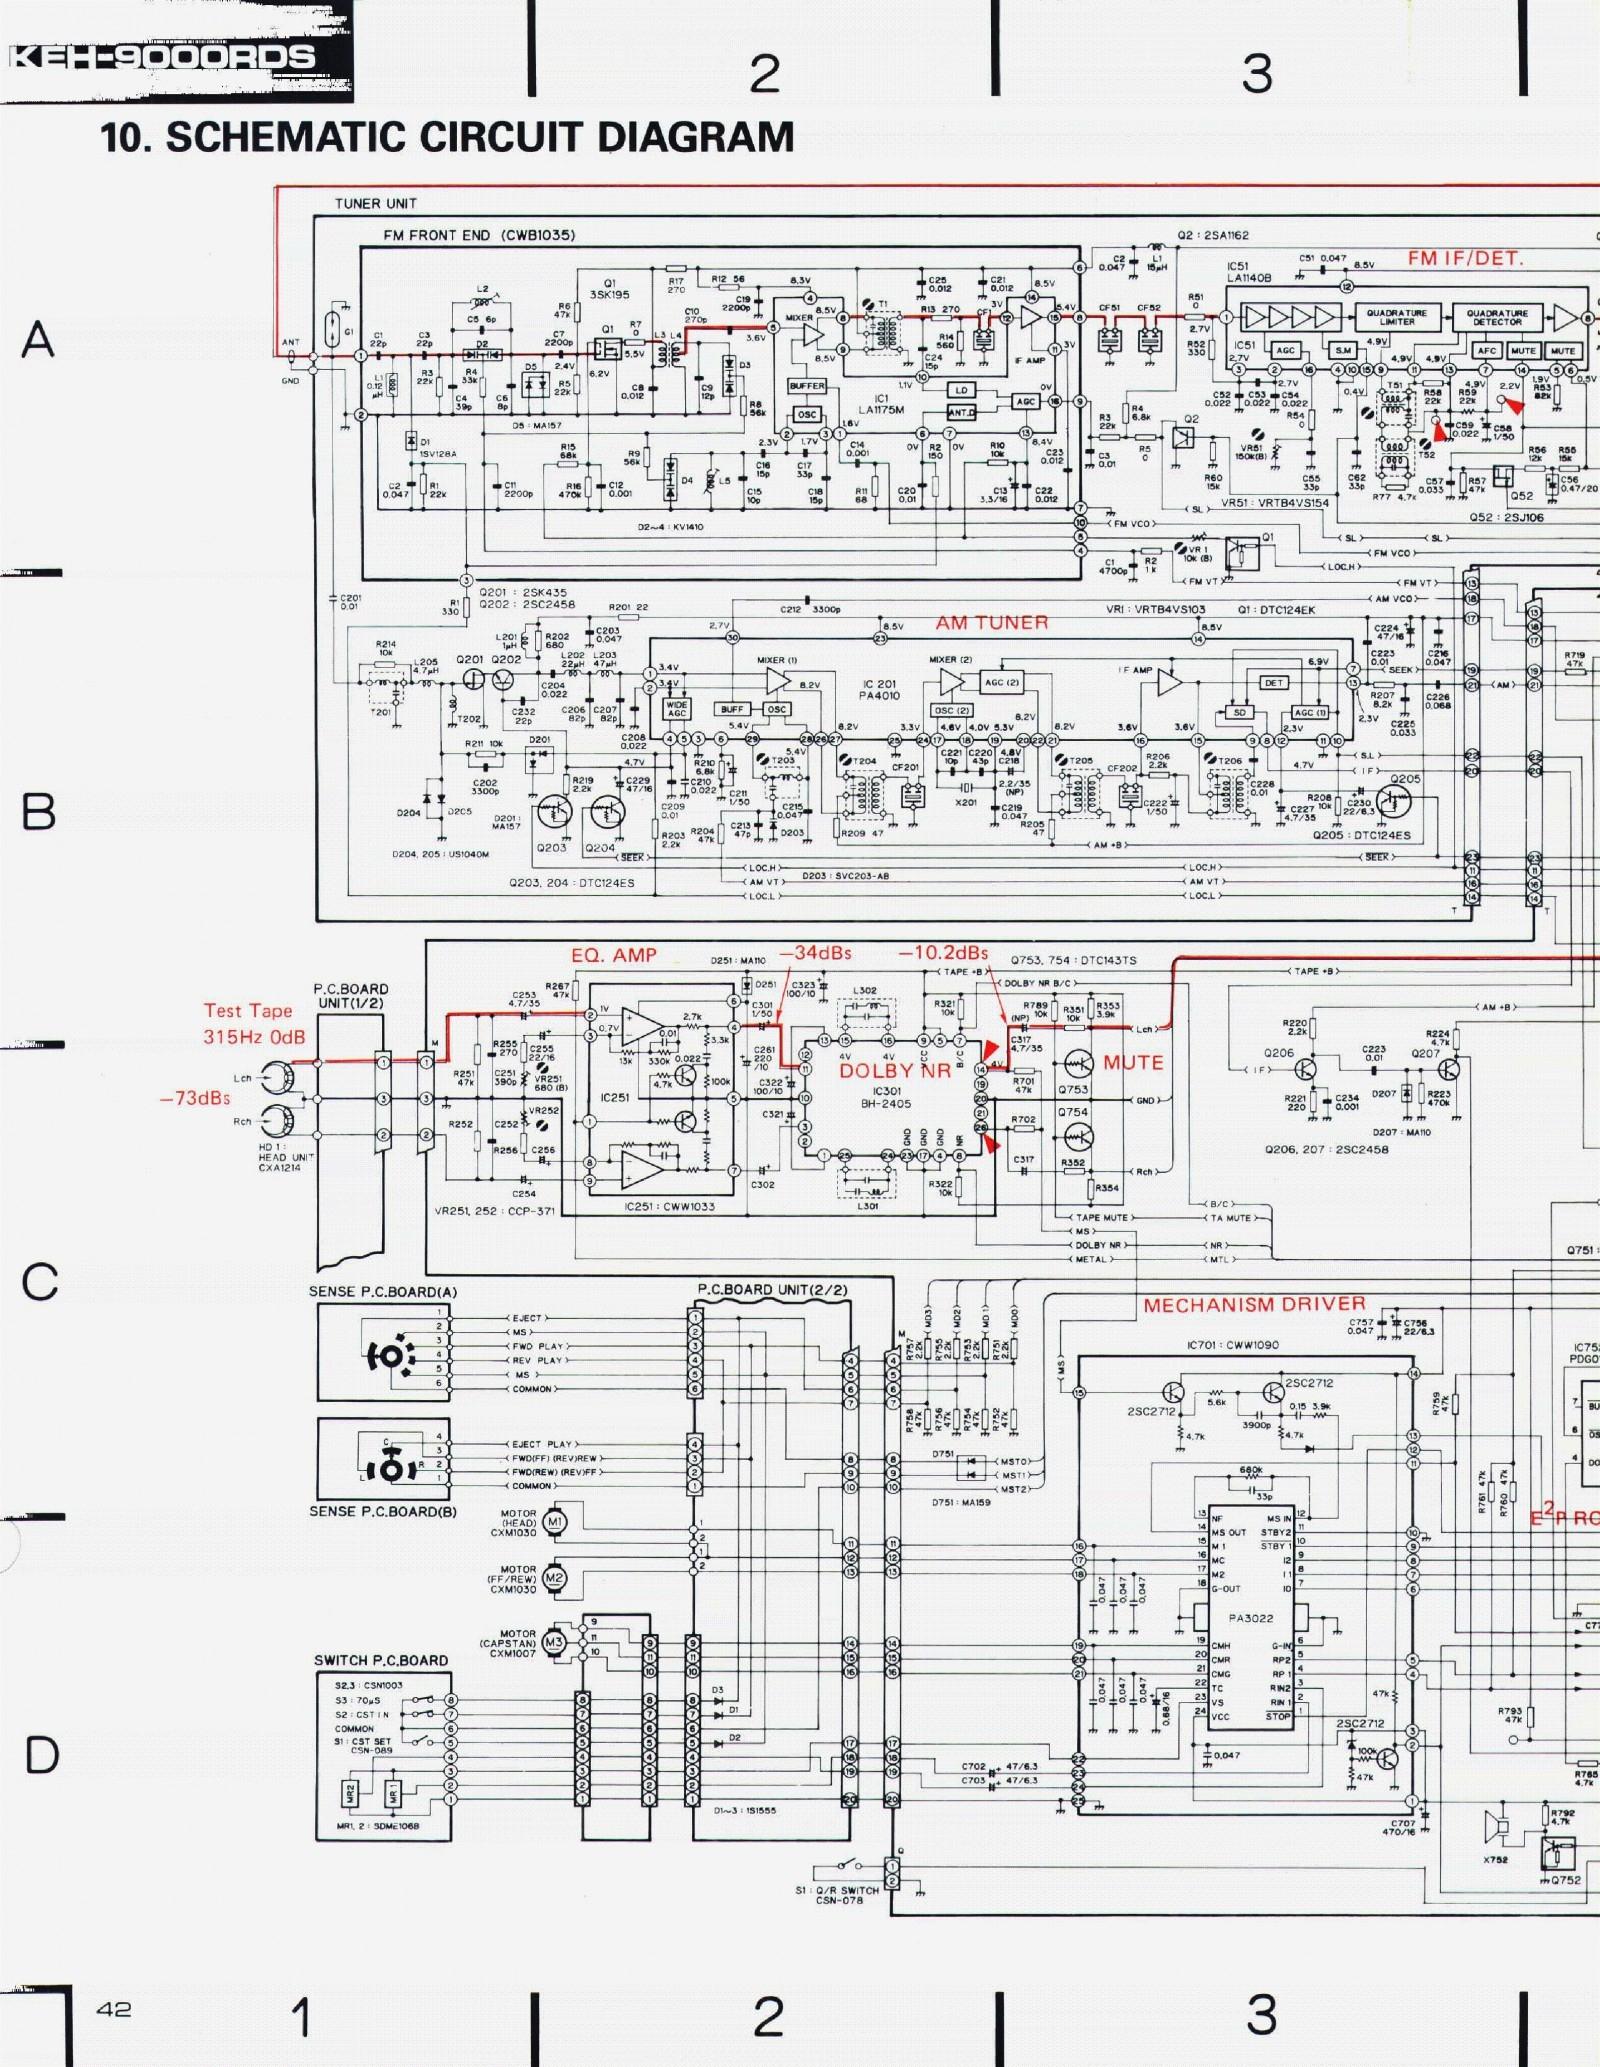 Pioneer Avh X2700Bs Wiring Color Diagram - Great Installation Of - Pioneer Avh X2800Bs Wiring Diagram